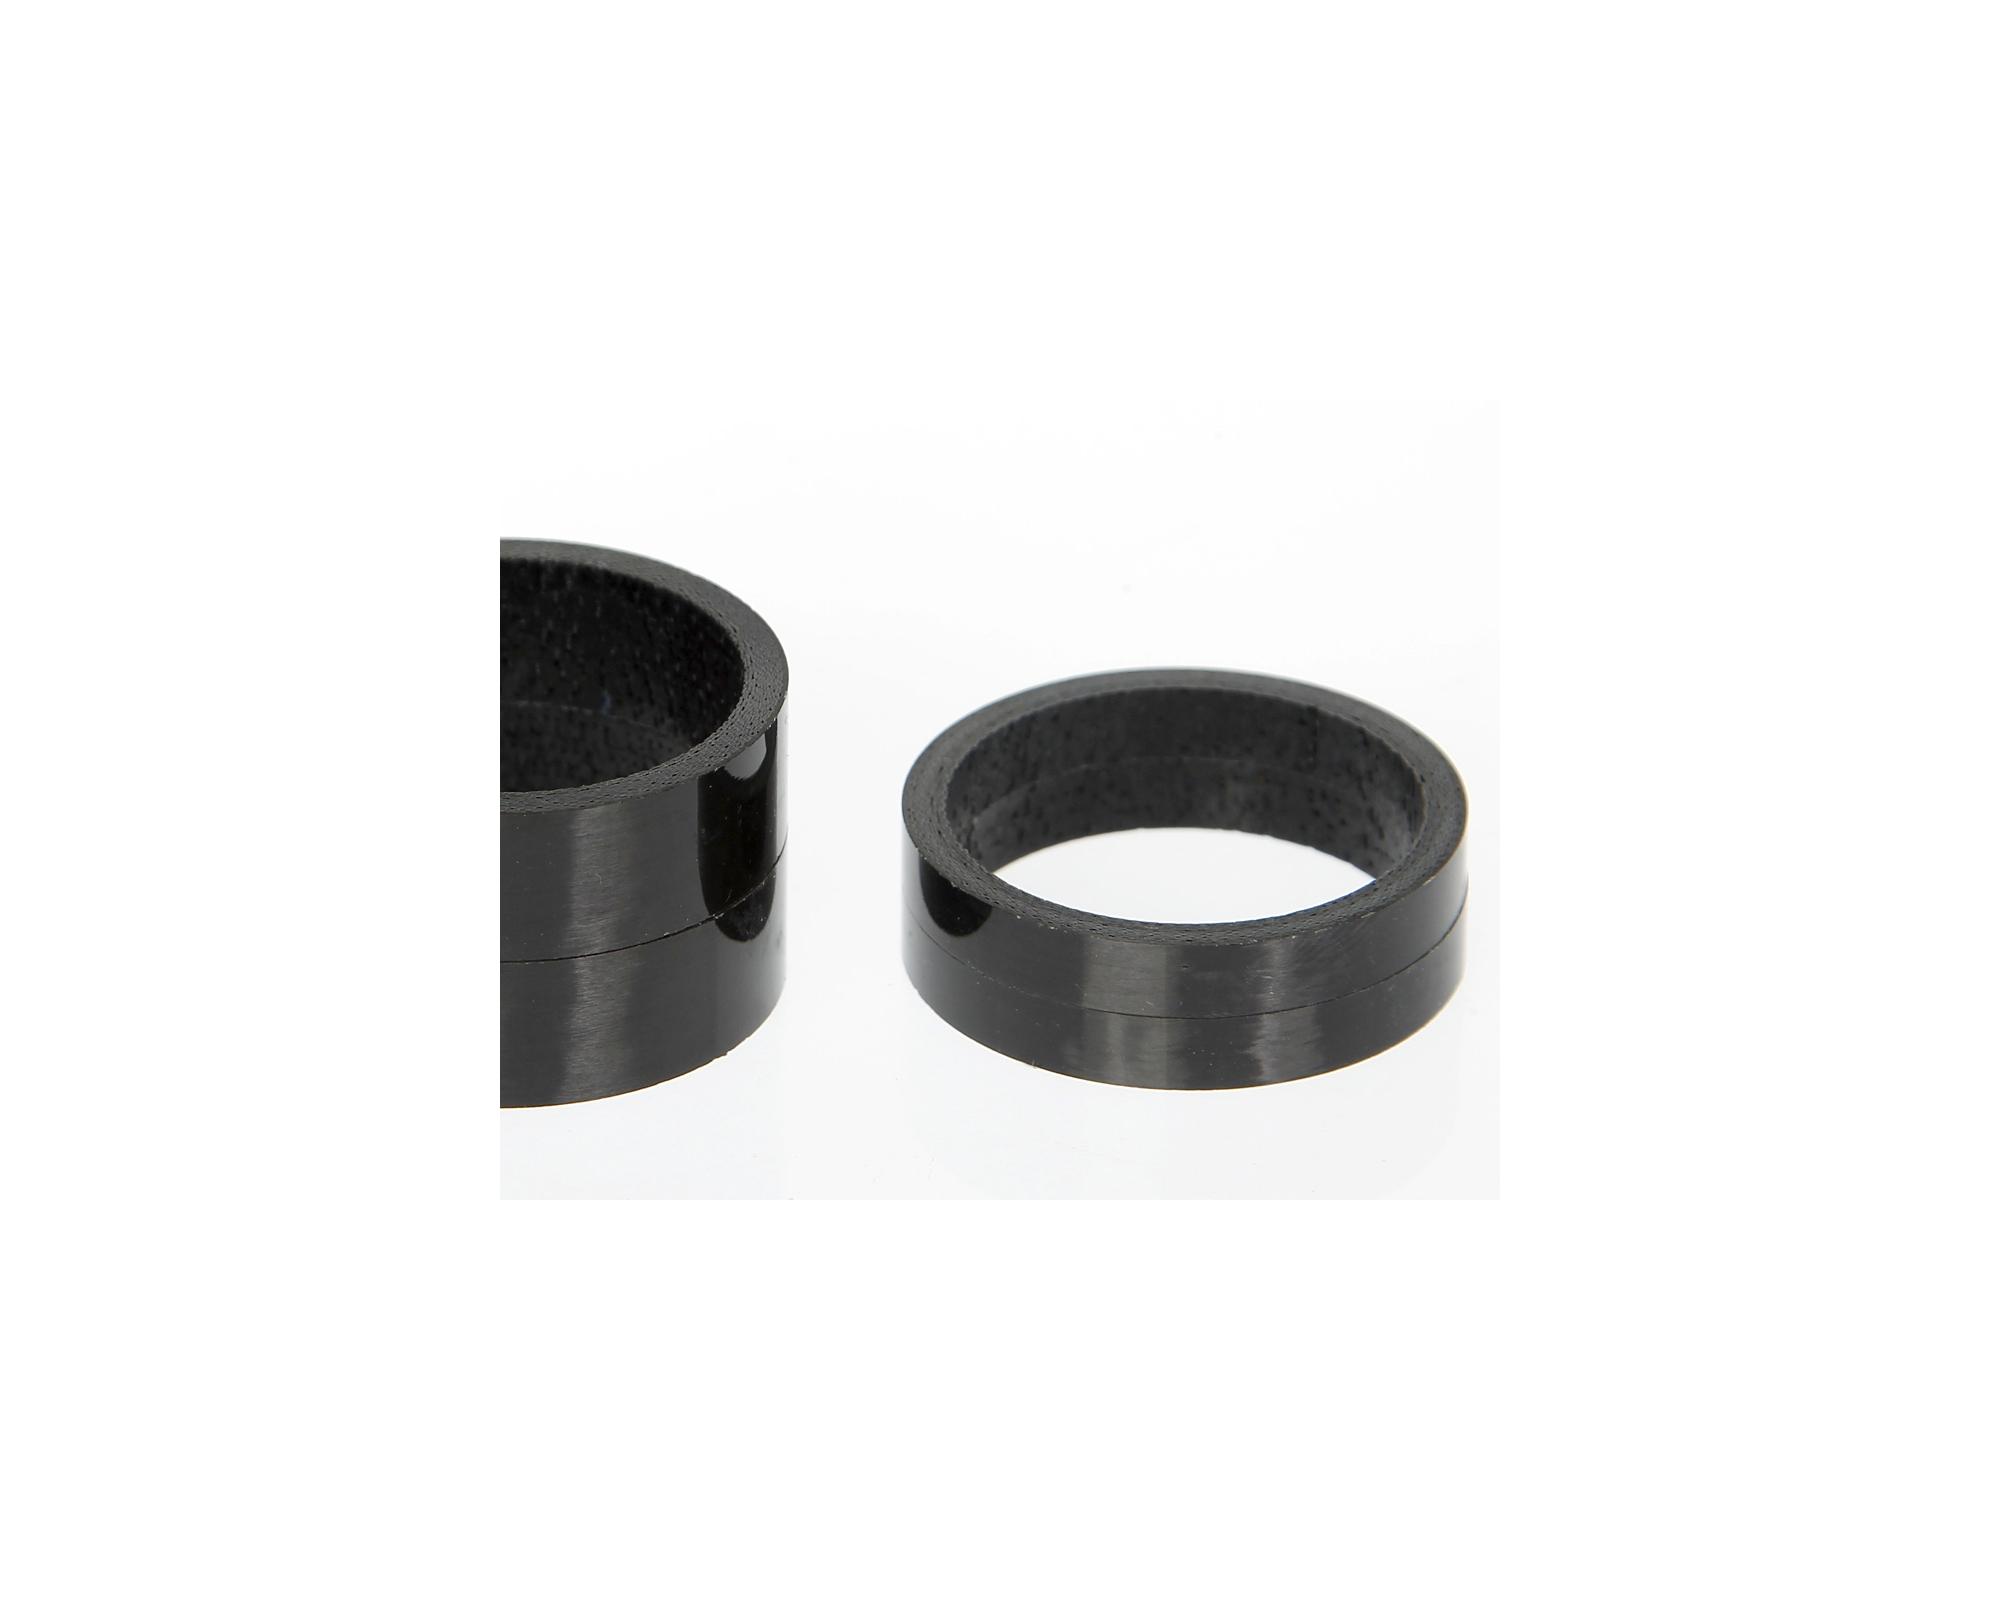 Carbon Fiber Spacers : Carbon headset spacer set superstar components